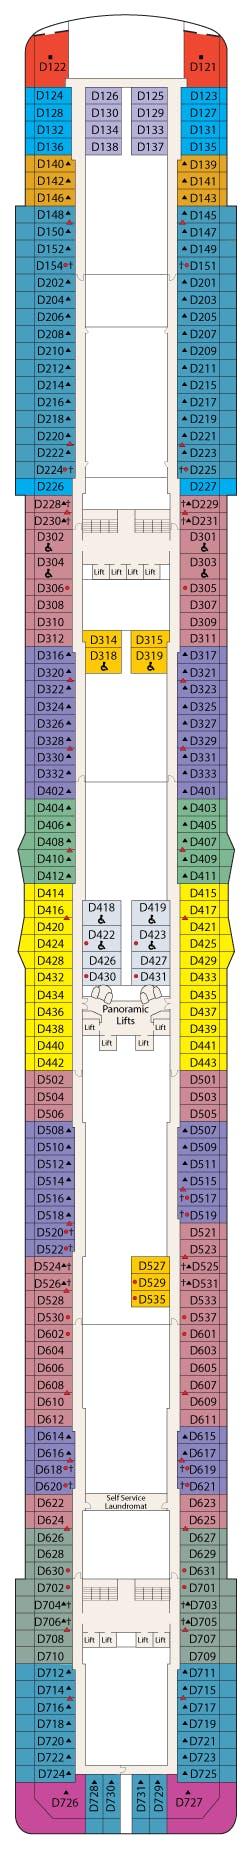 Deck 9 - Dolphin Deck